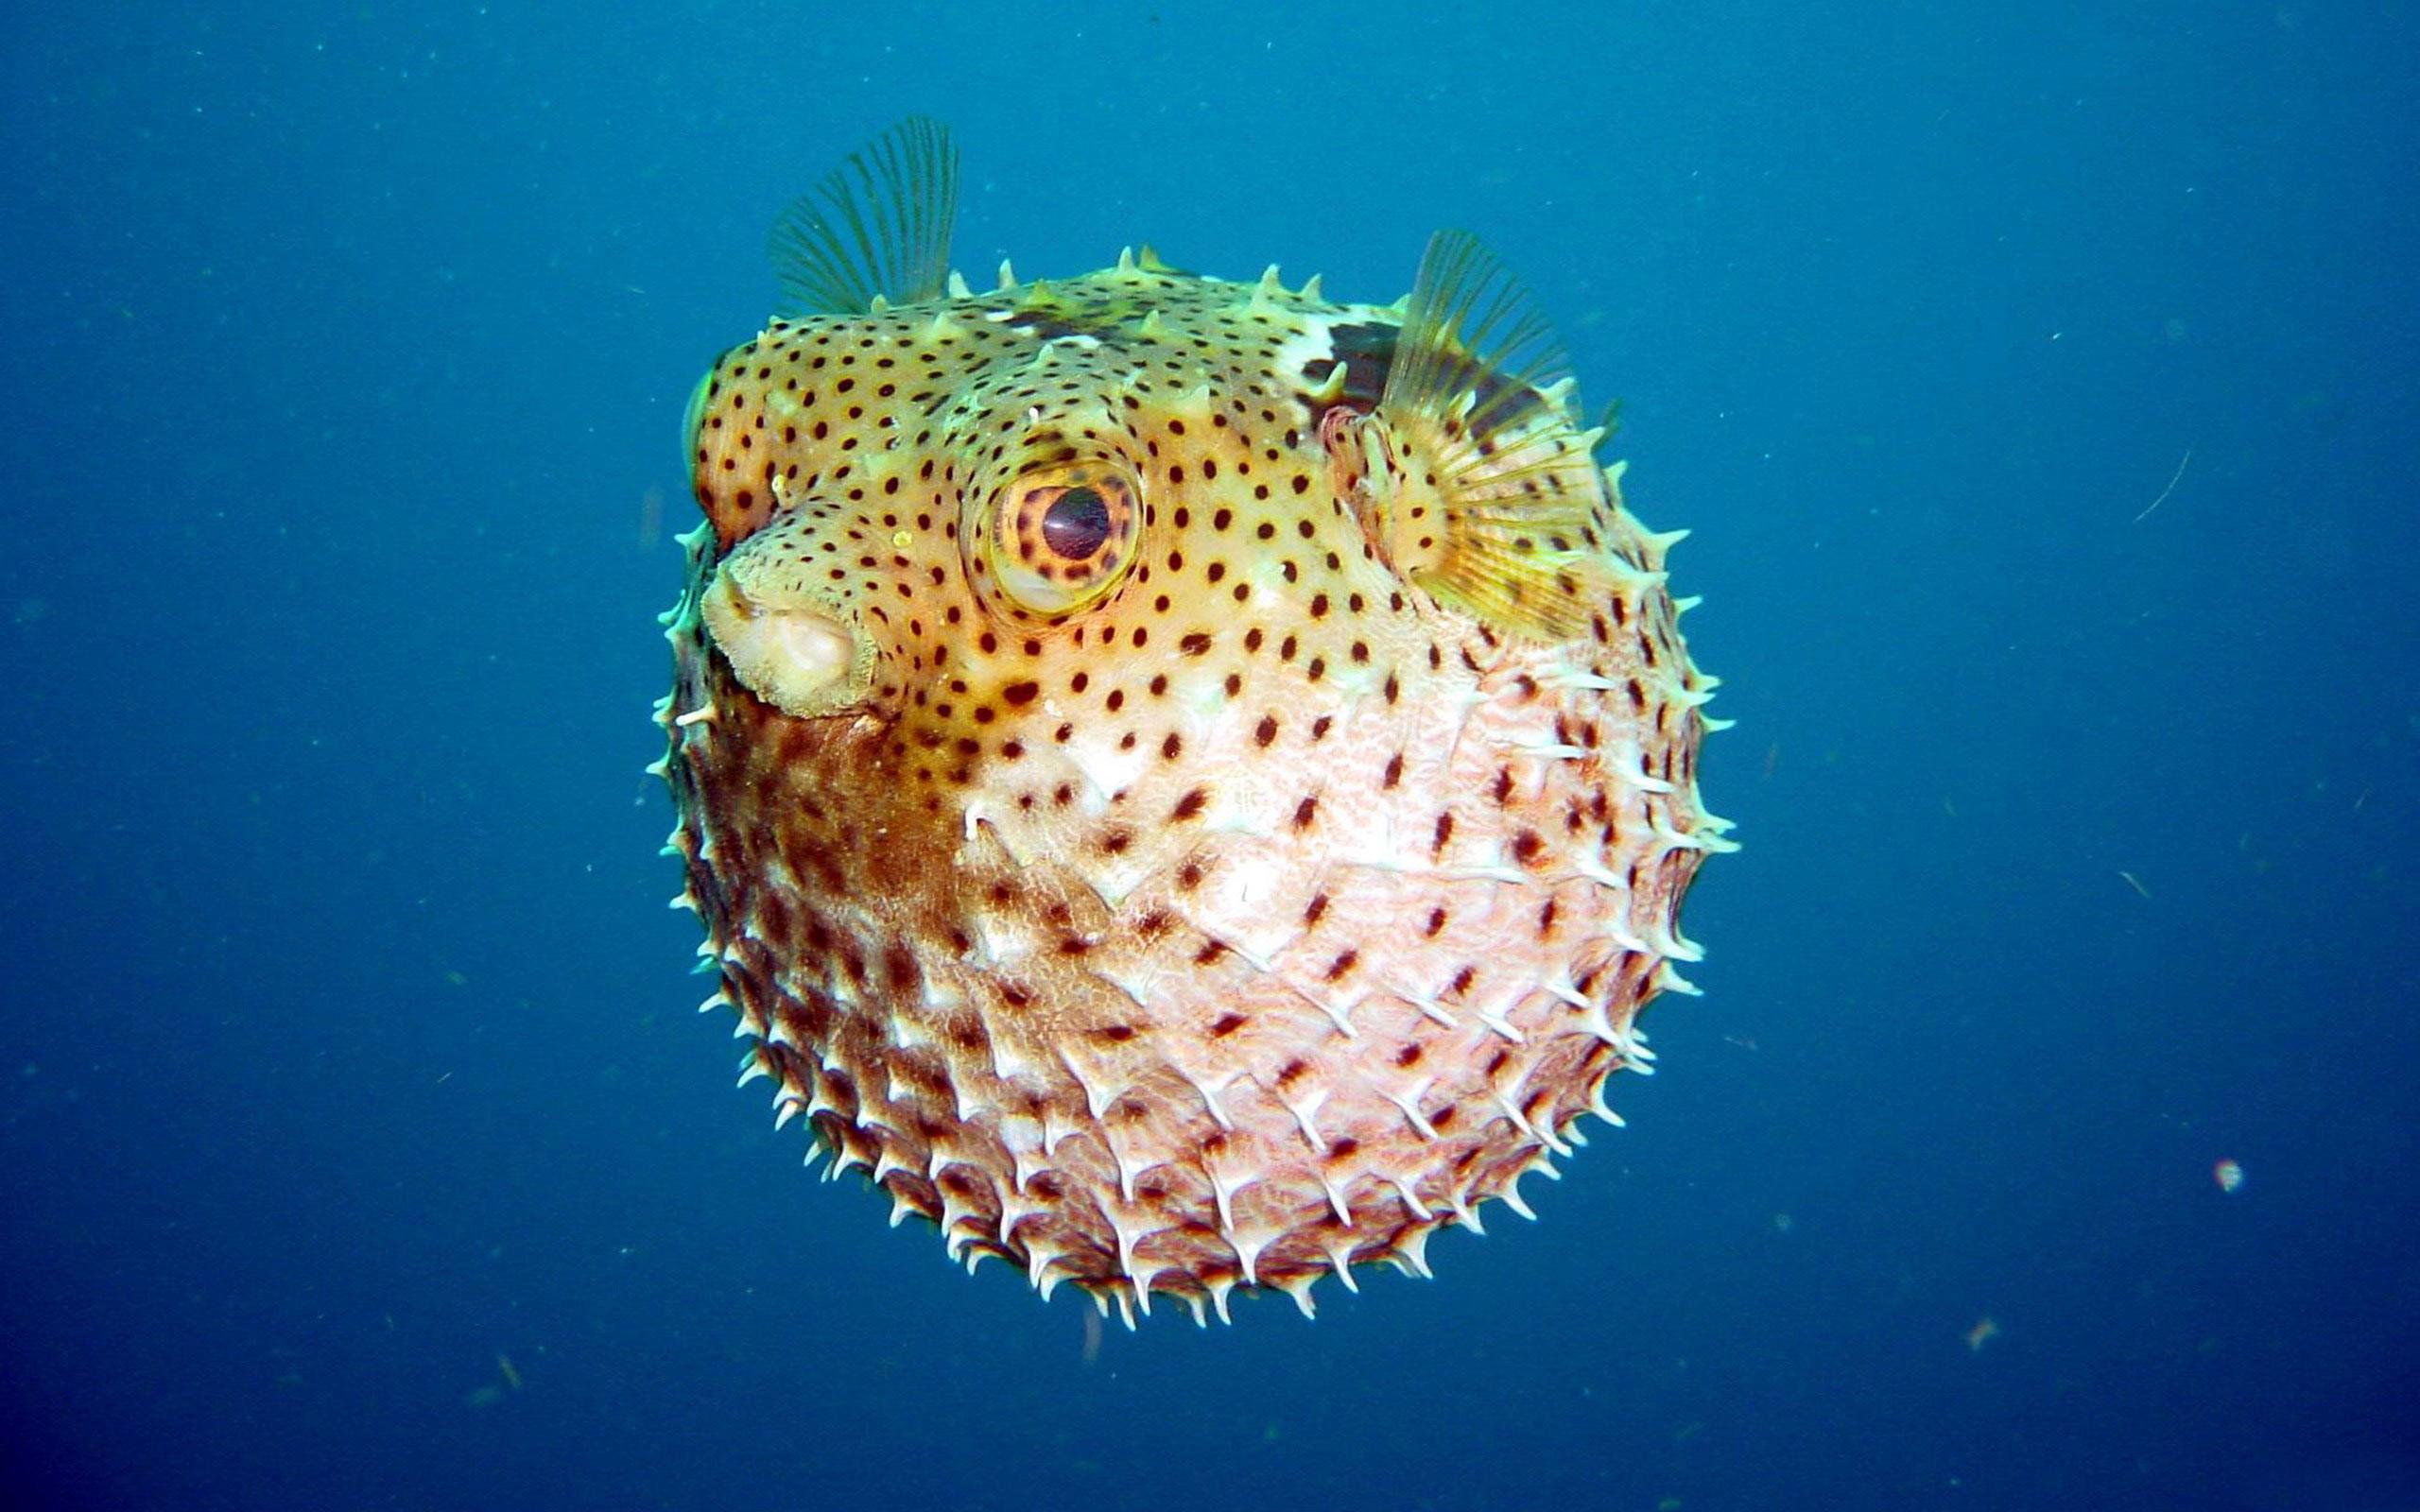 Смешные картинки подводного мира